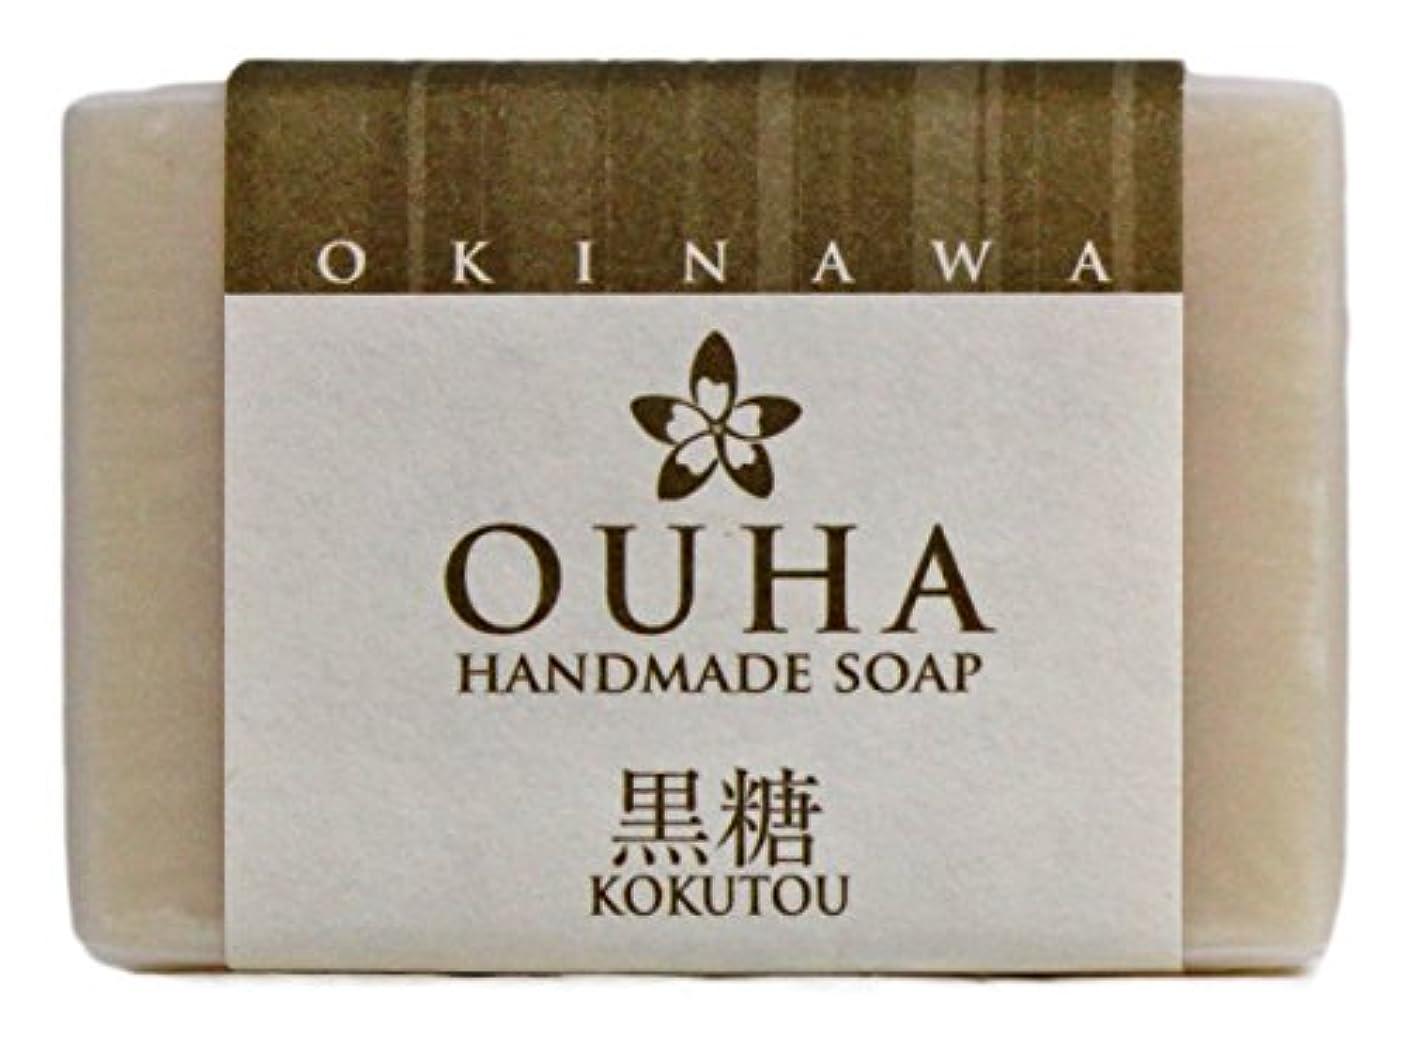 ページェント公爵毎年沖縄手作り洗顔せっけん OUHAソープ 黒糖 47g